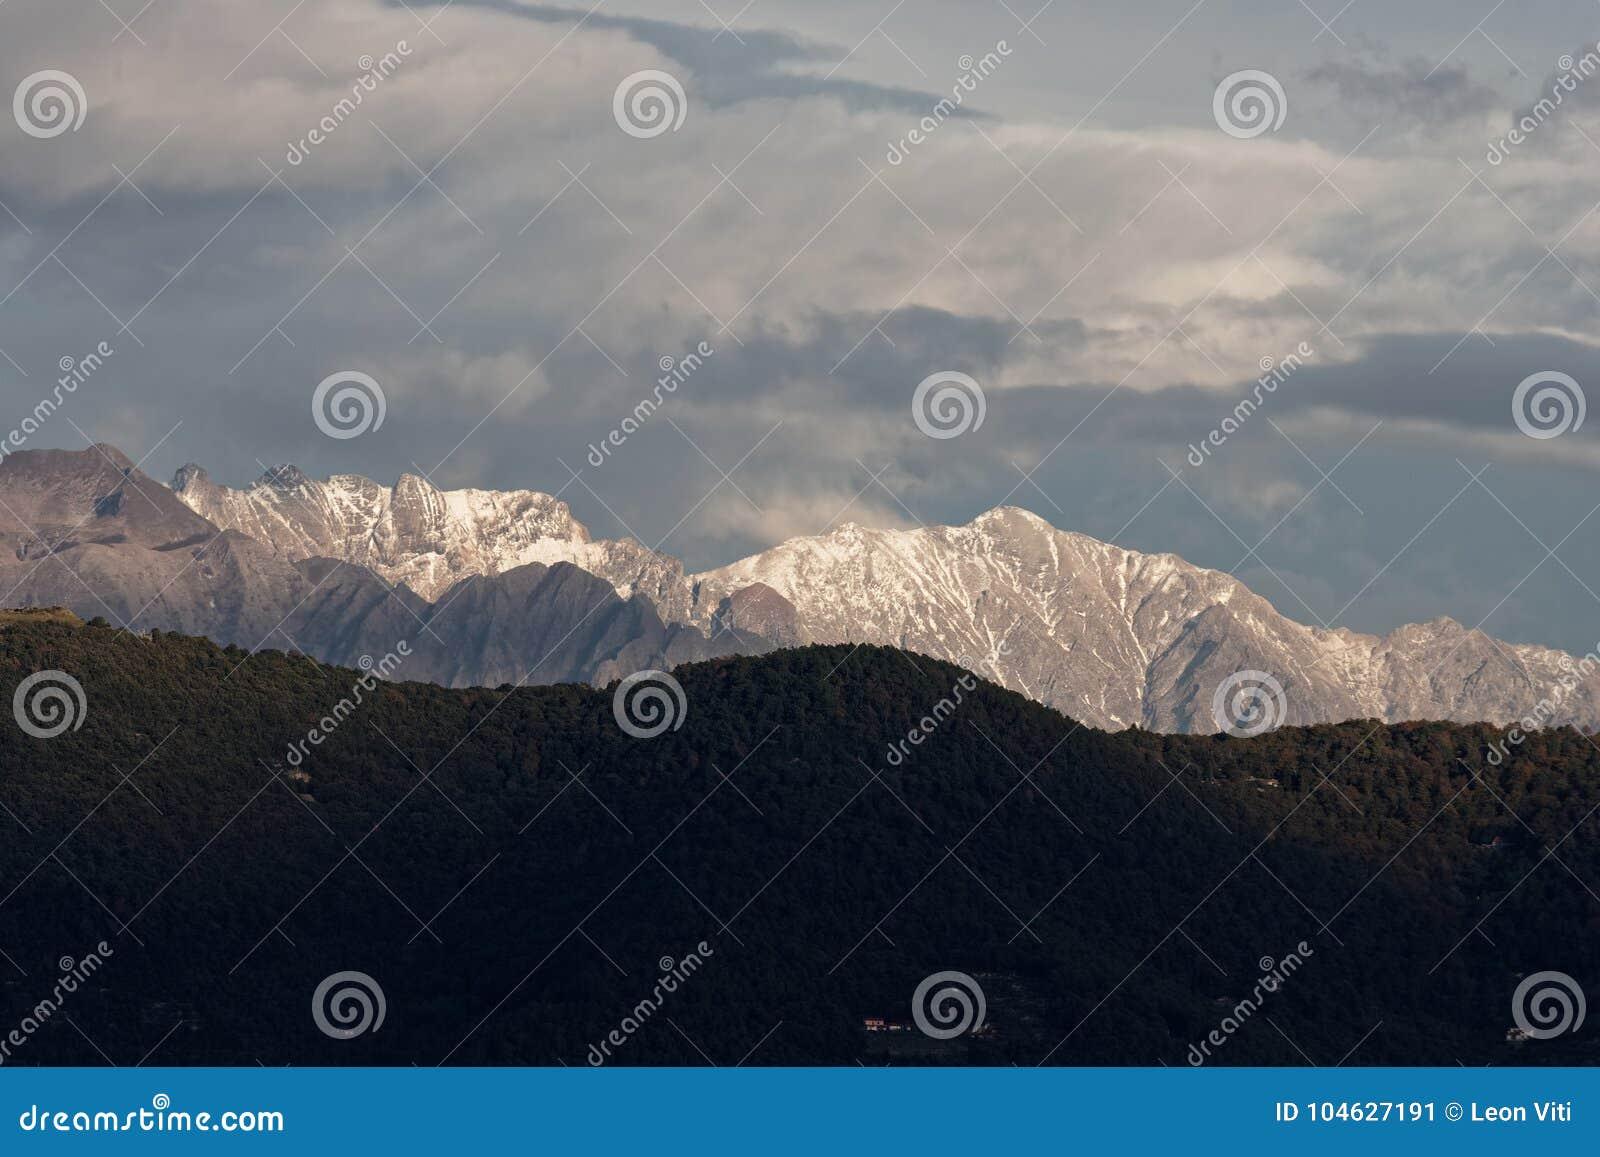 Download Mening van apuan alpen stock afbeelding. Afbeelding bestaande uit avontuur - 104627191